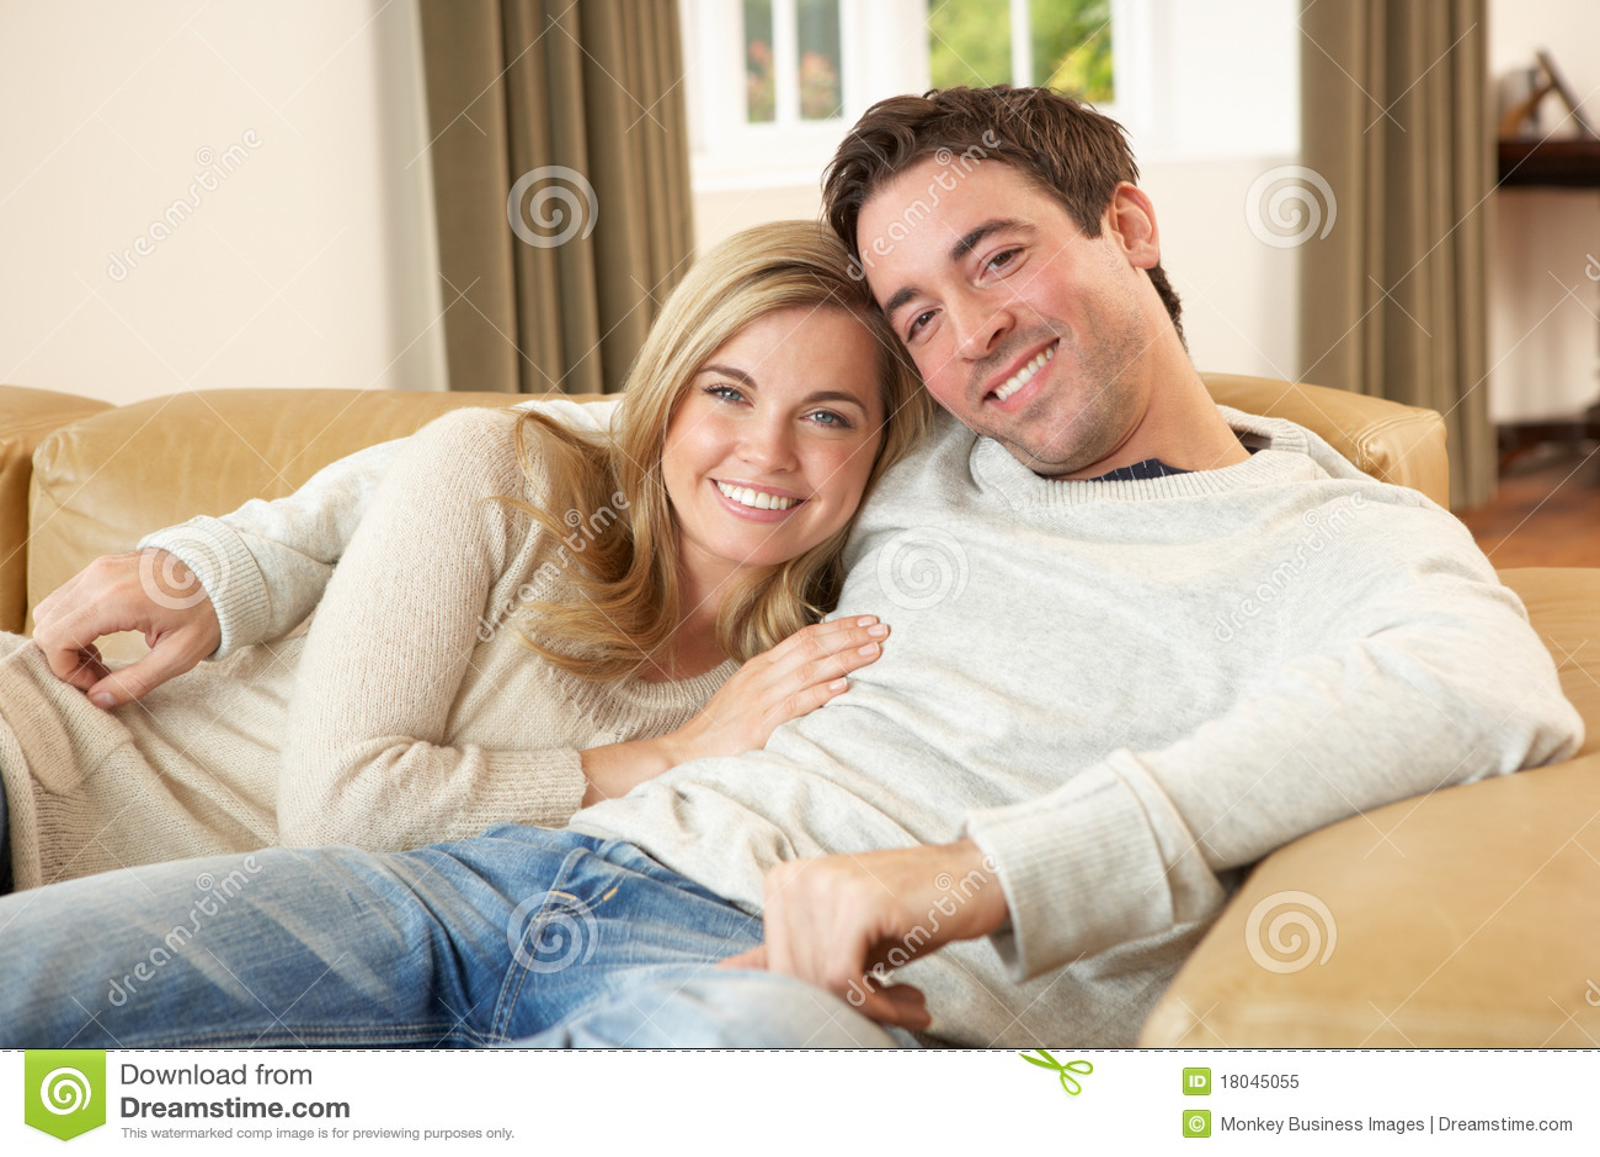 Фото карпачёва с женой 17 фотография